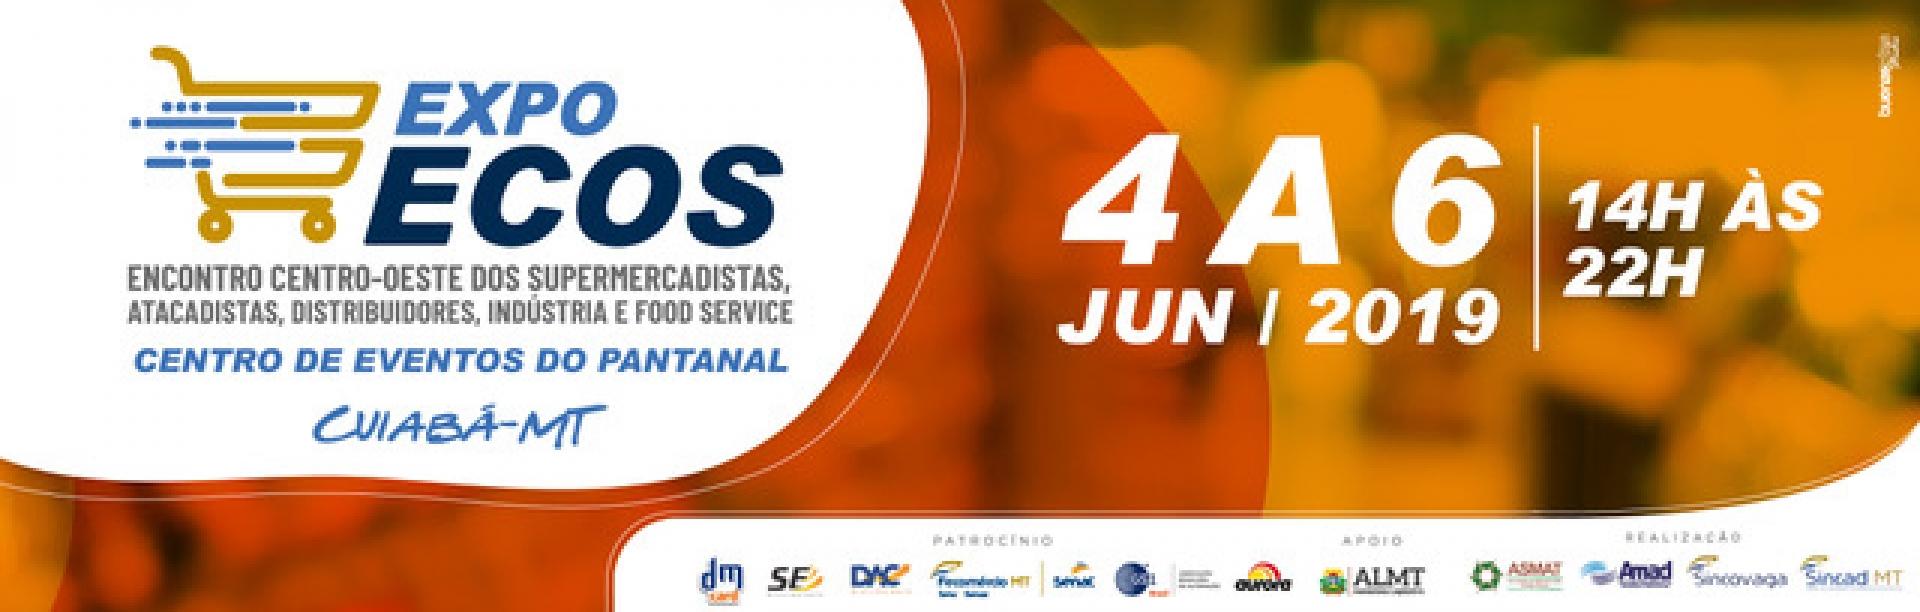 ExpoEcos 2019